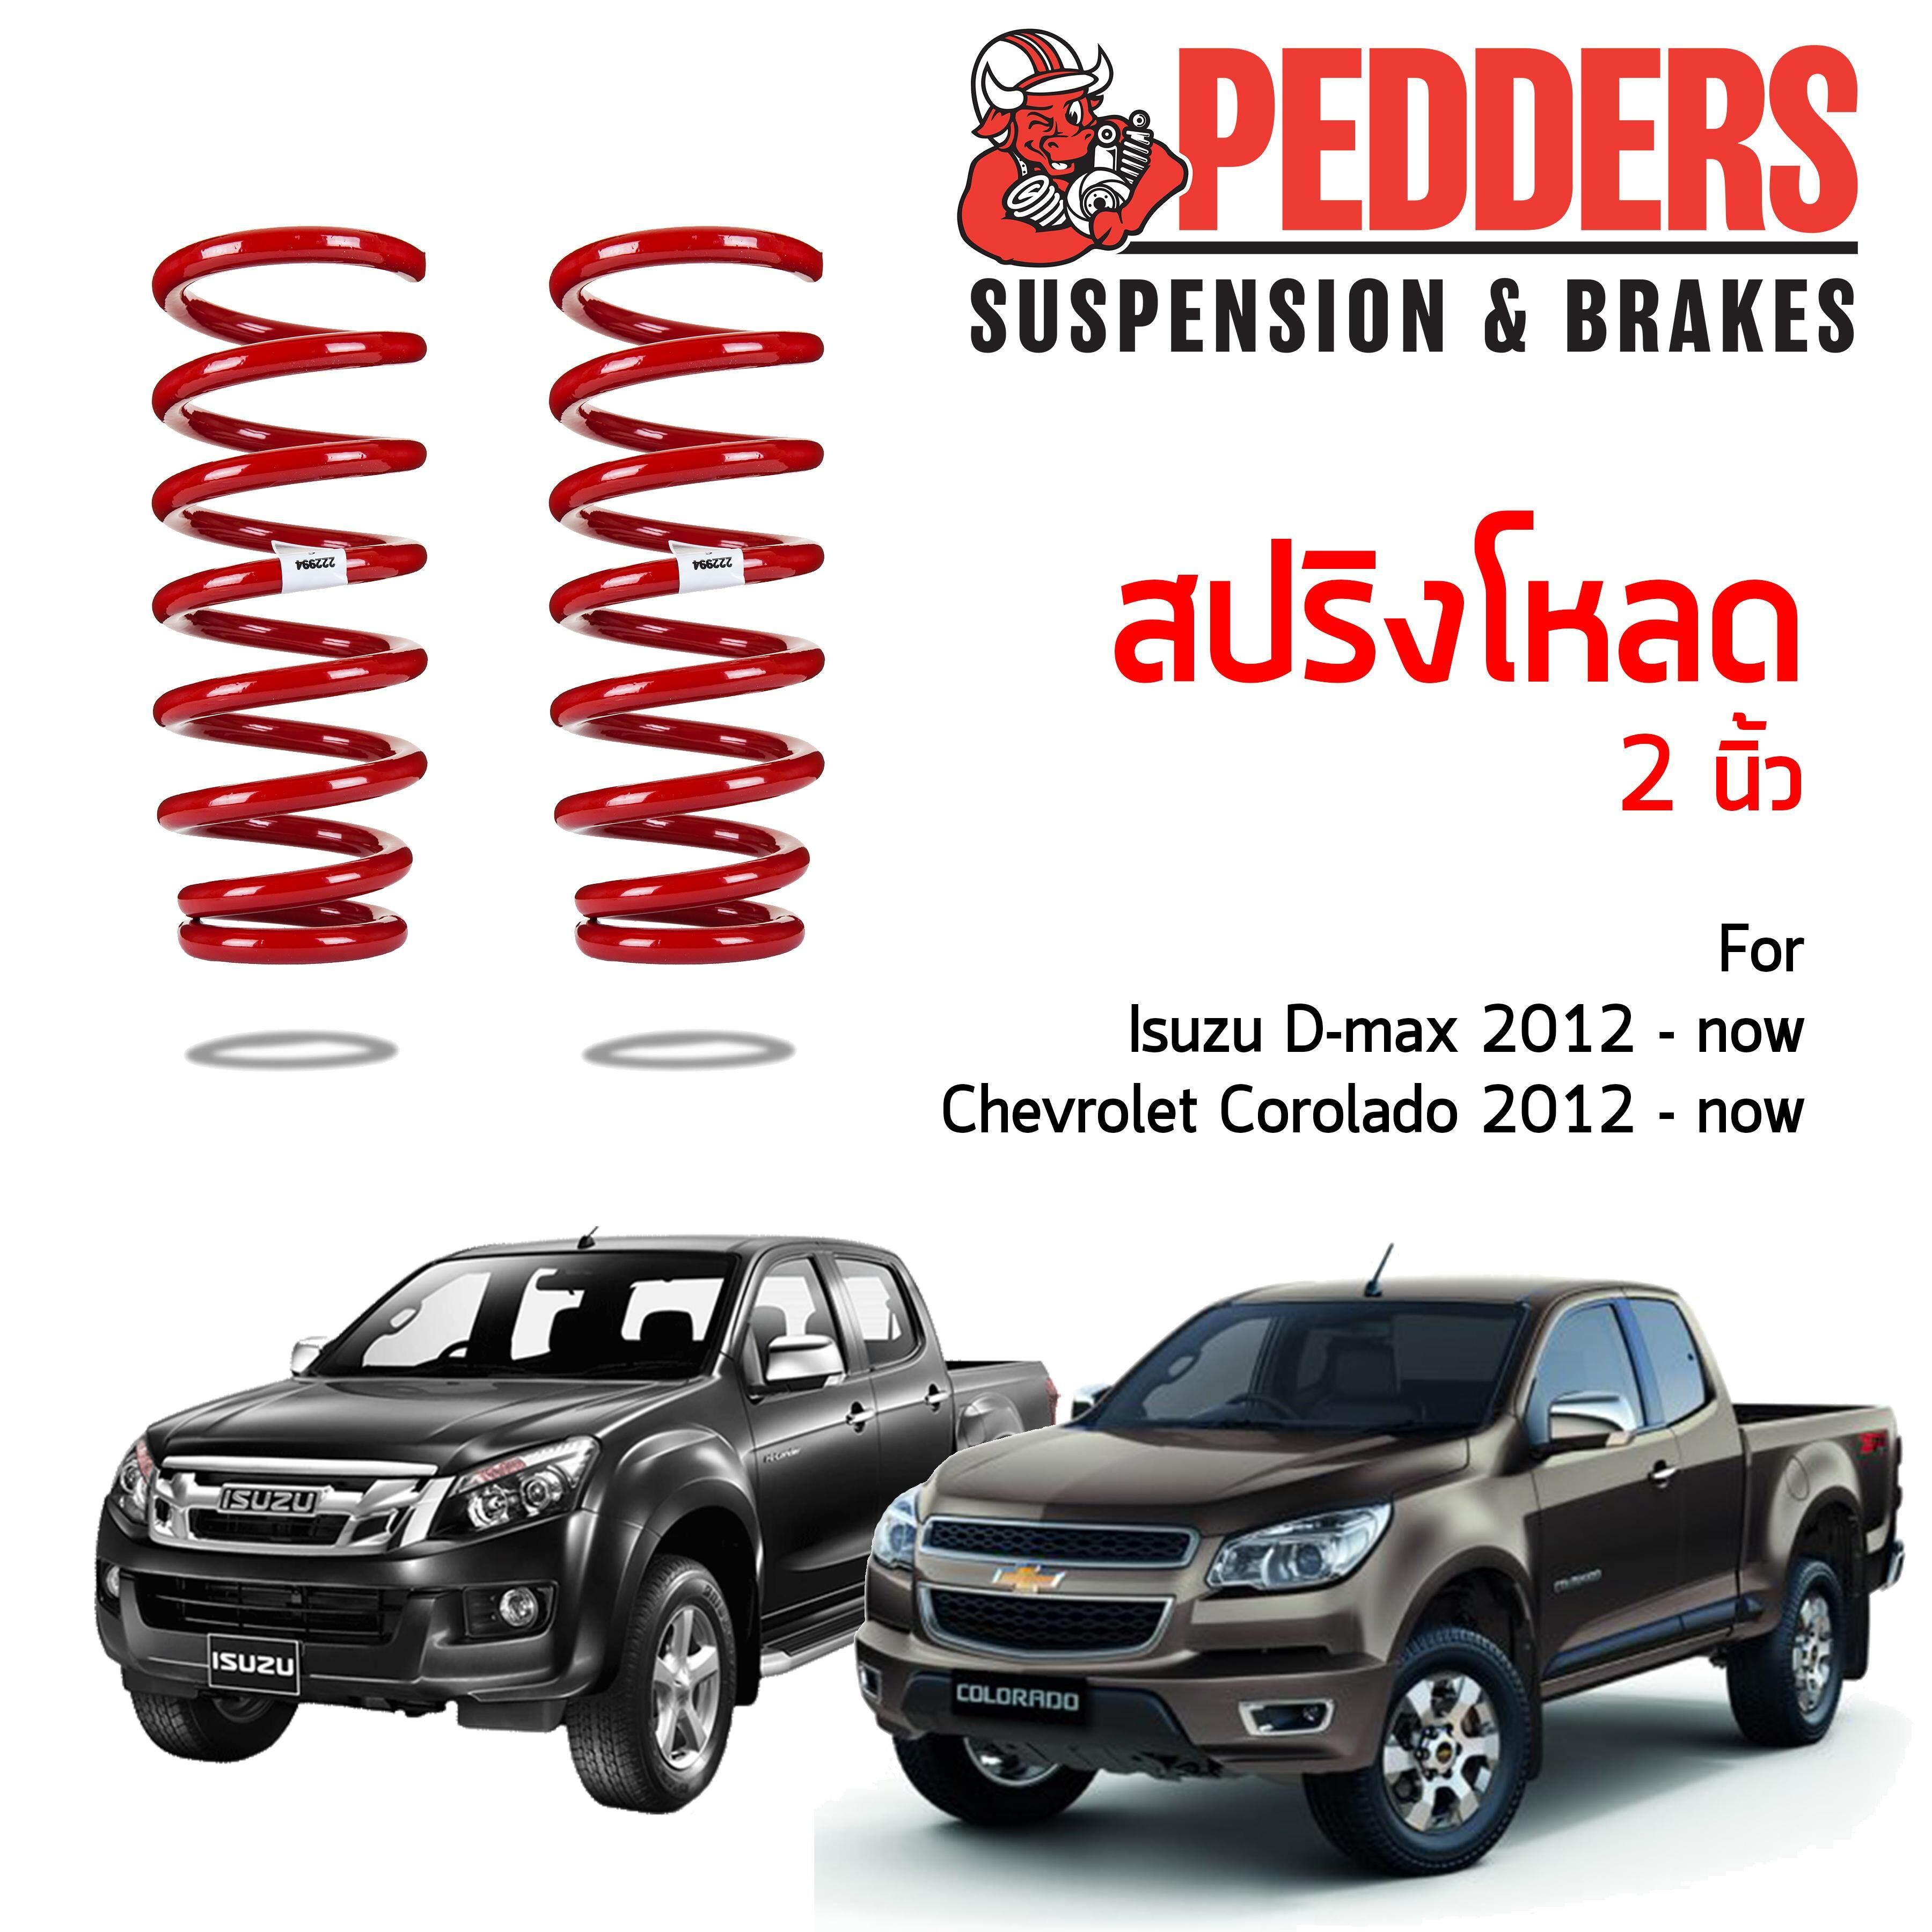 สปริงโหลด Pedders สำหรับ Isuzu D-Max 2012-Now / Chevrolet Corolado 2012-Now By Pedders Shop.